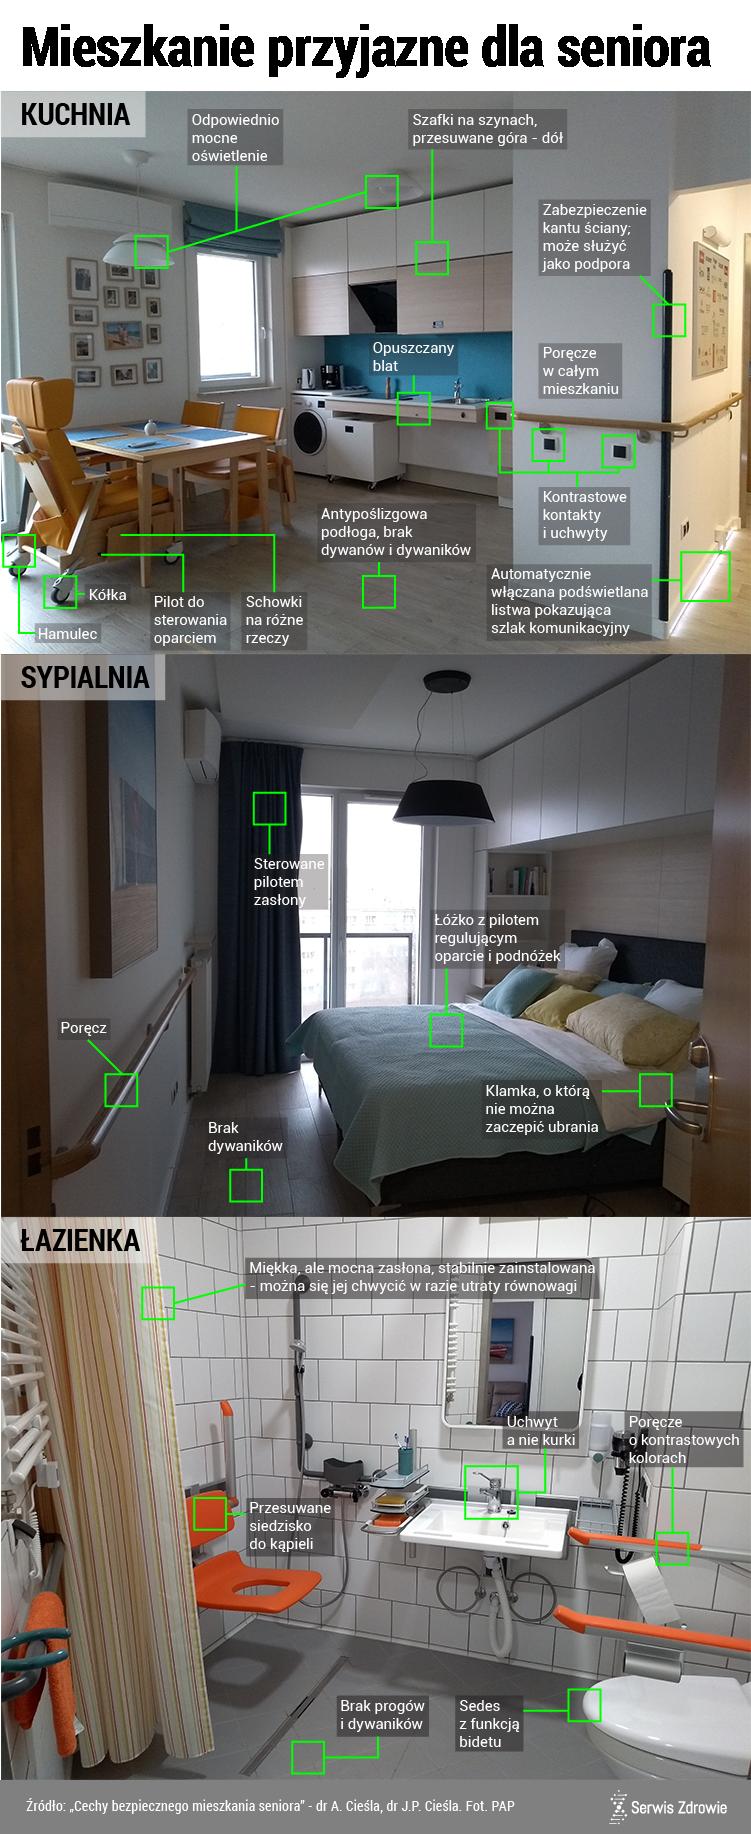 Infografika Serwisu Zdrowie PAP/ A.Zajkowska